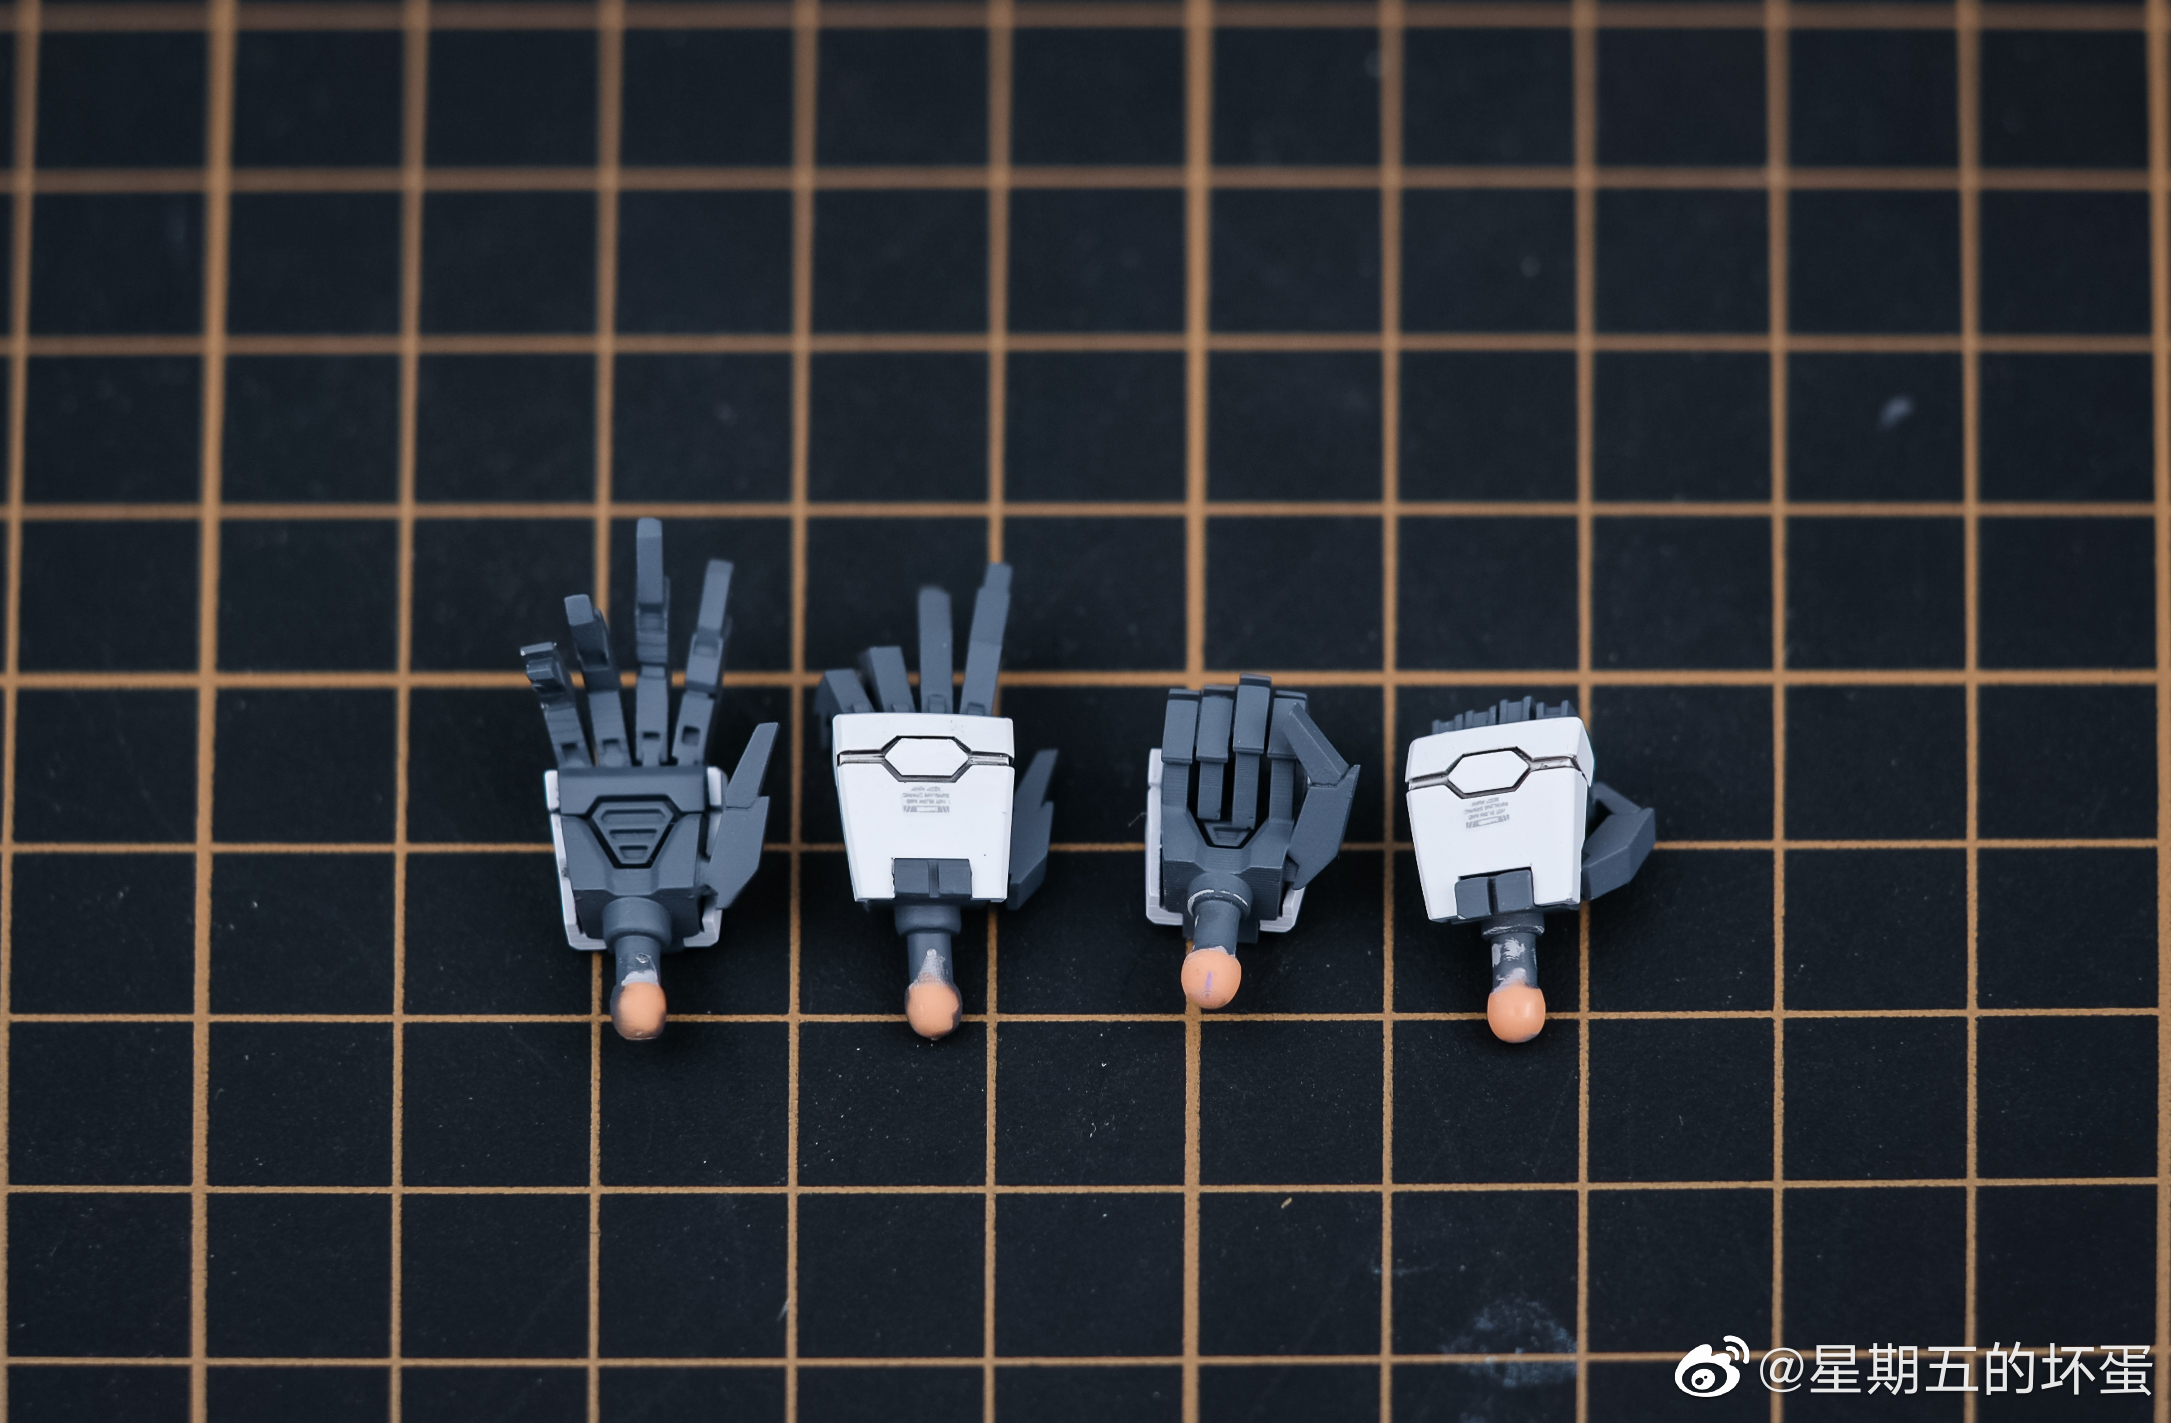 G680_MG_OOQ_009.jpg